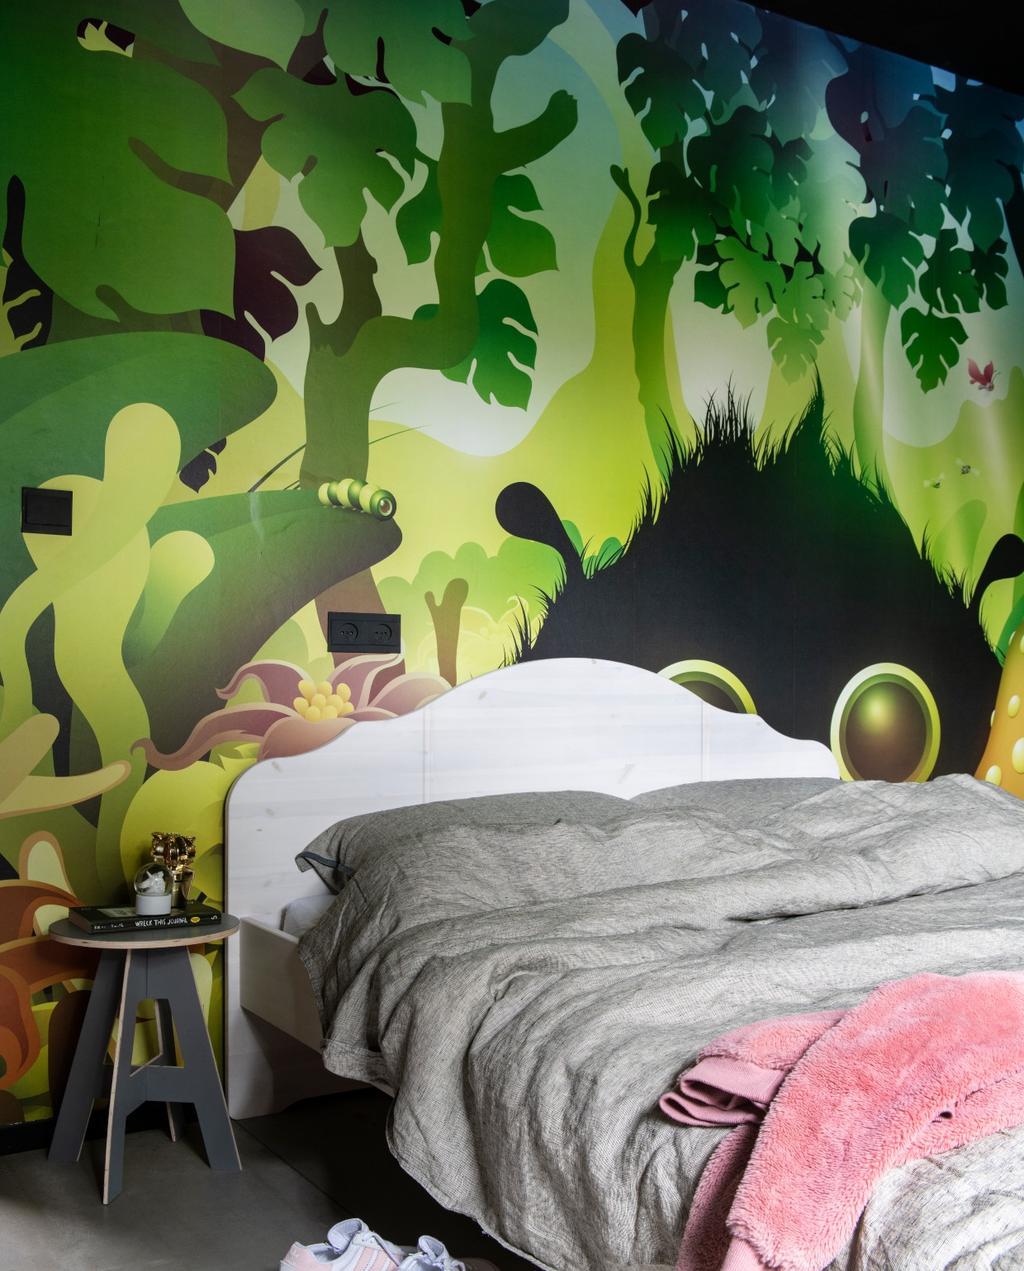 vtwonen binnenkijken 03-2020 | binnenkijken Heerhugowaard kinderkamer met jungle behang